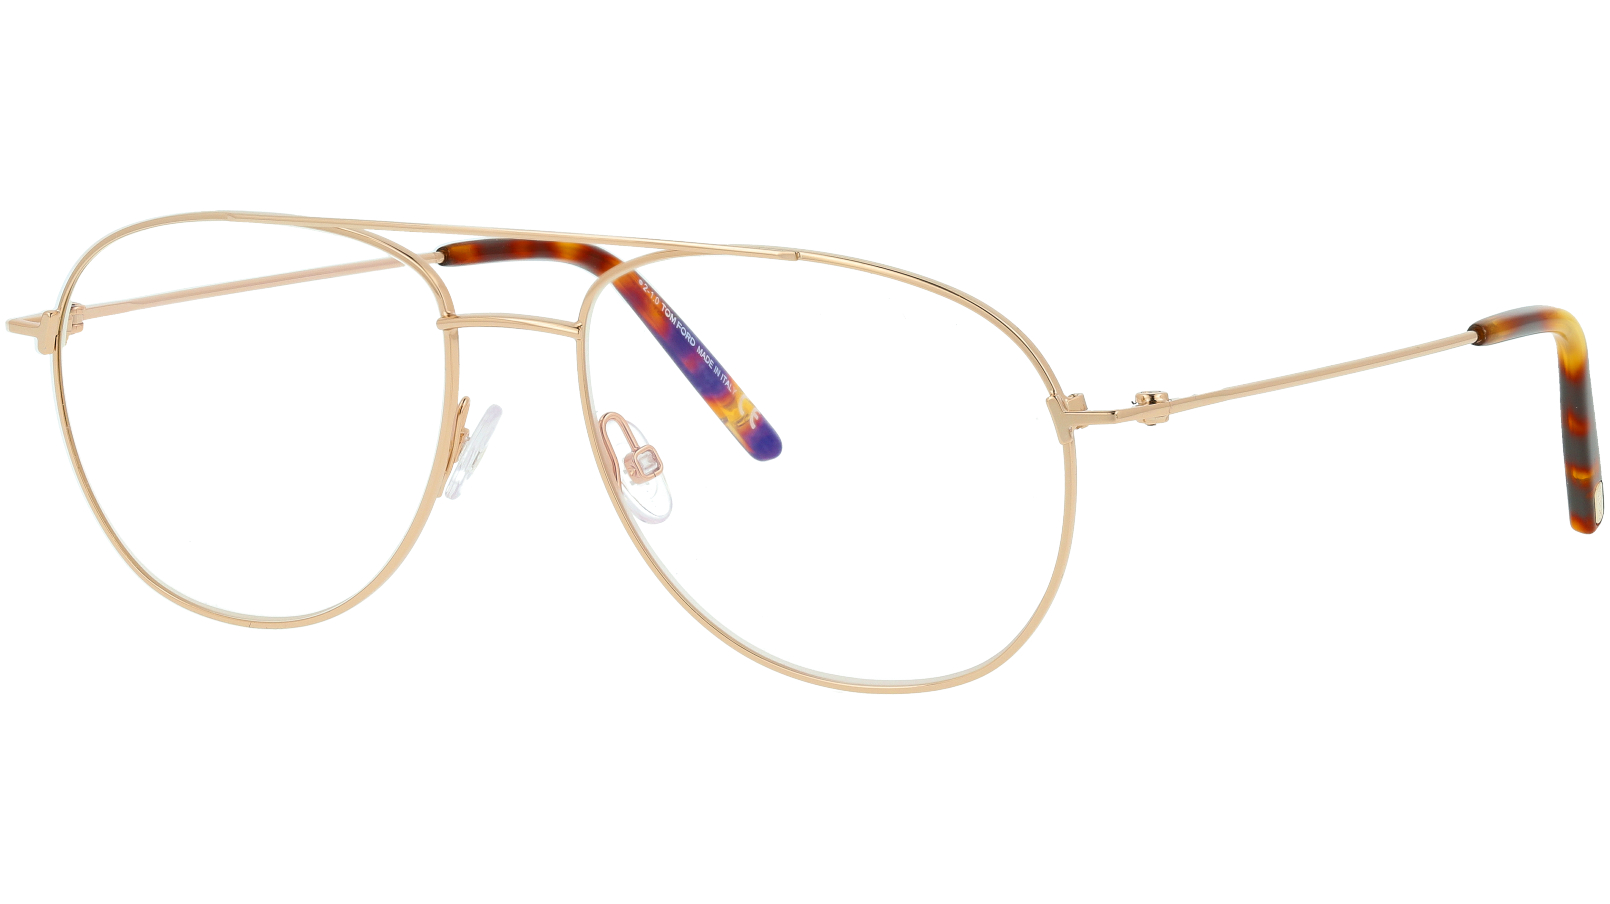 Tom Ford FT5581-B 028 55 Shiny Glasses